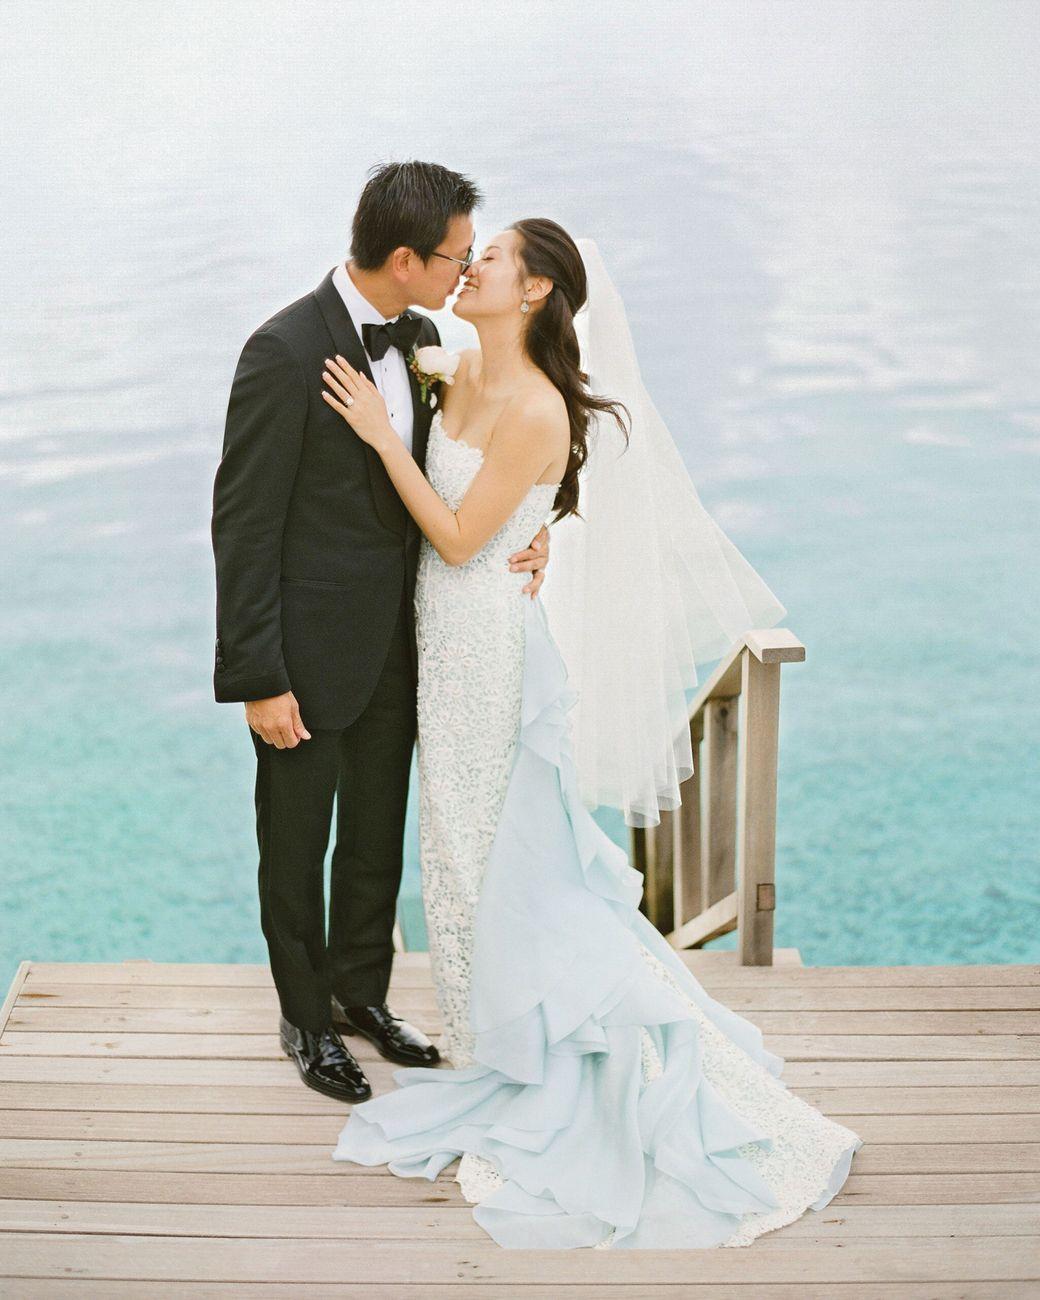 Dresses For Beach Wedding Ceremony: 25 Dreamy Beach Wedding Dresses